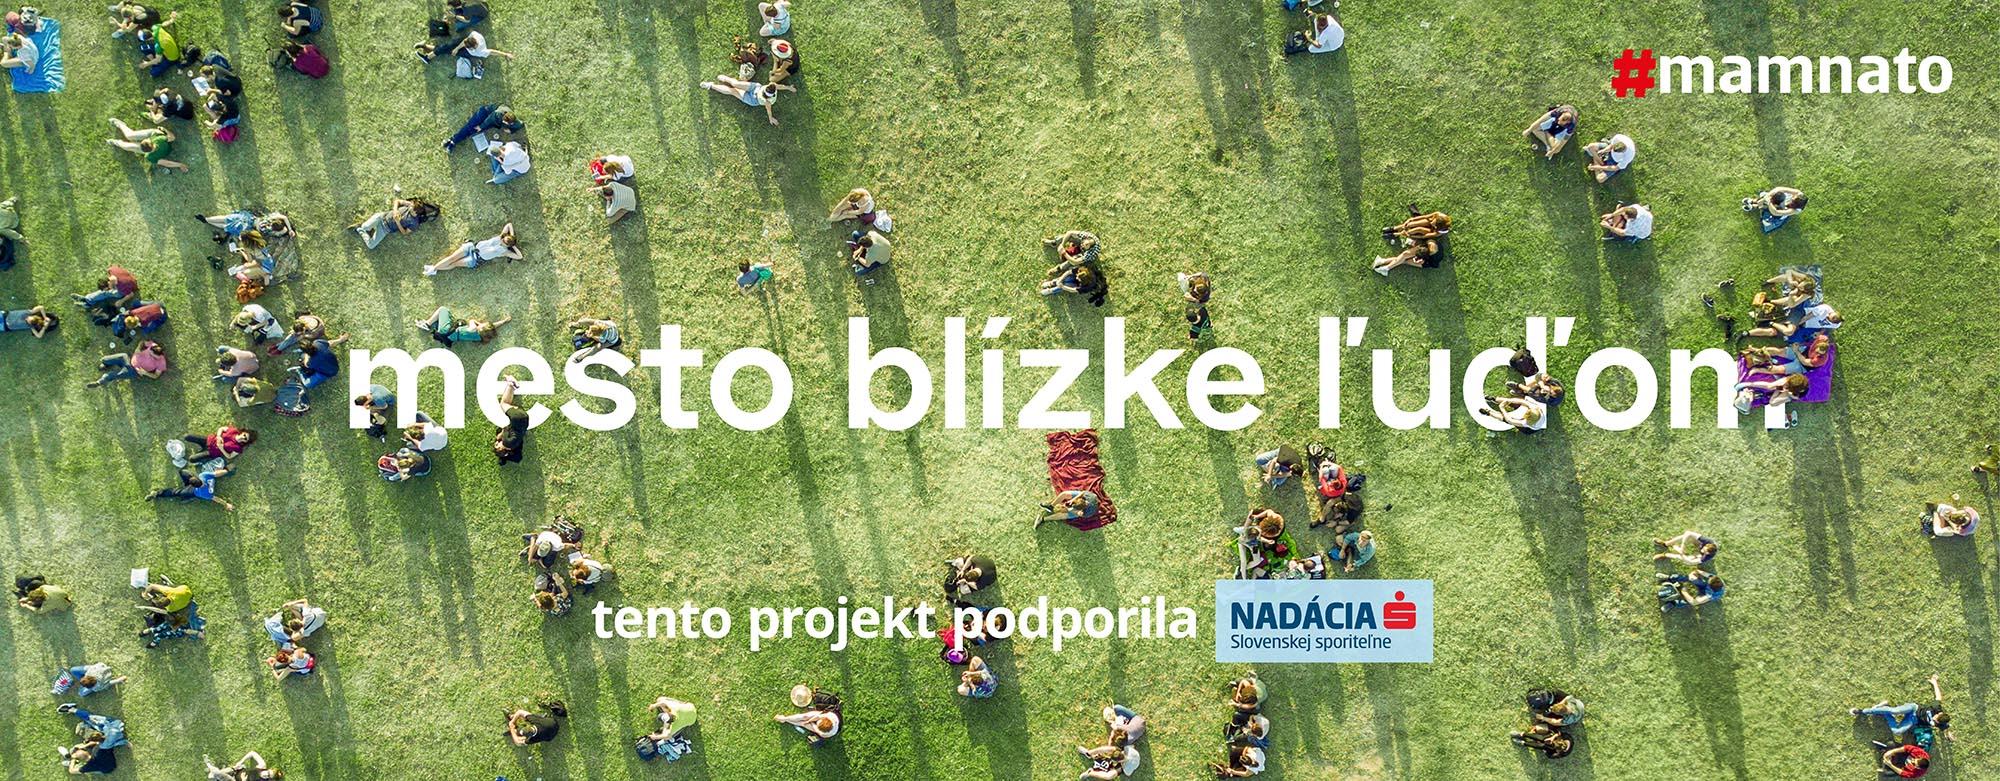 mamnato-grant-nadacia-slovenskej-sporitelne